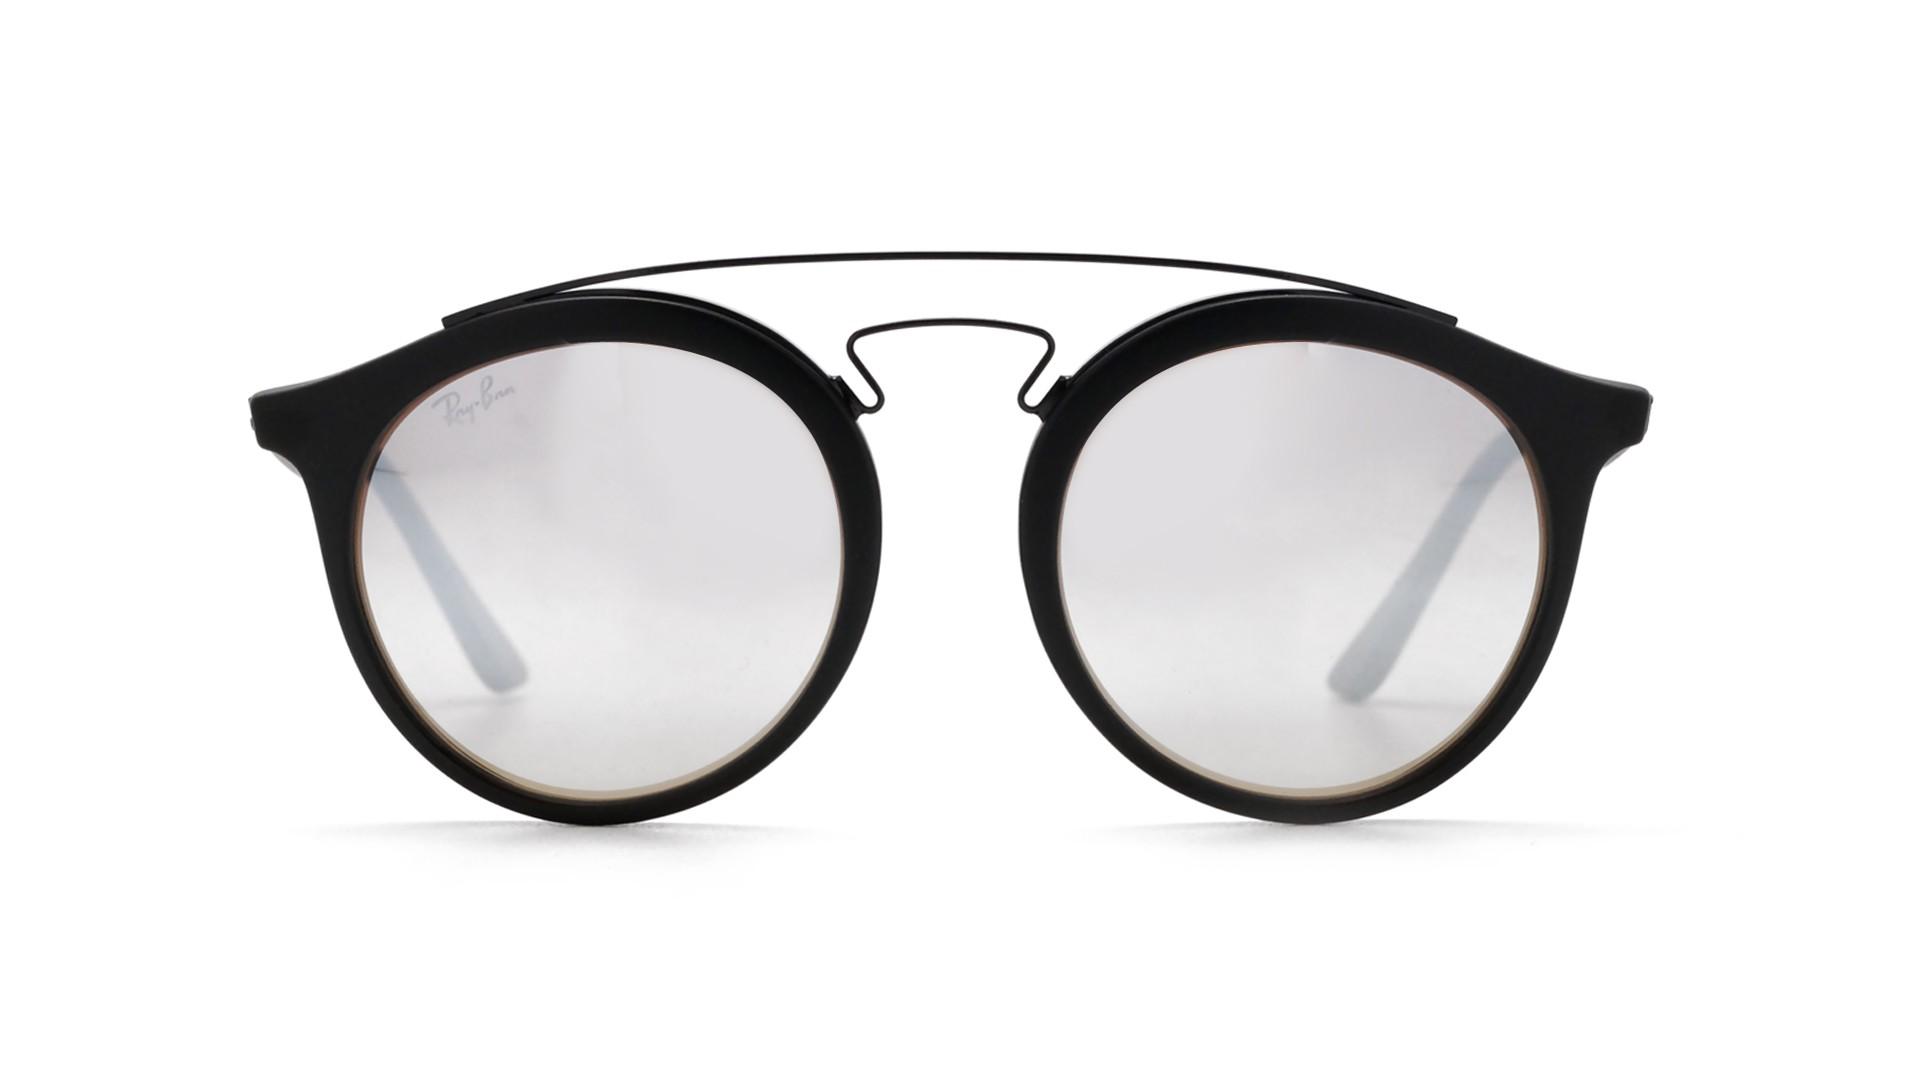 ed9de26356e387 ... lunettes de soleil mix 3441d 78ebd discount code for ray ban aviator  noir mat dc9e3 ecfdc ...